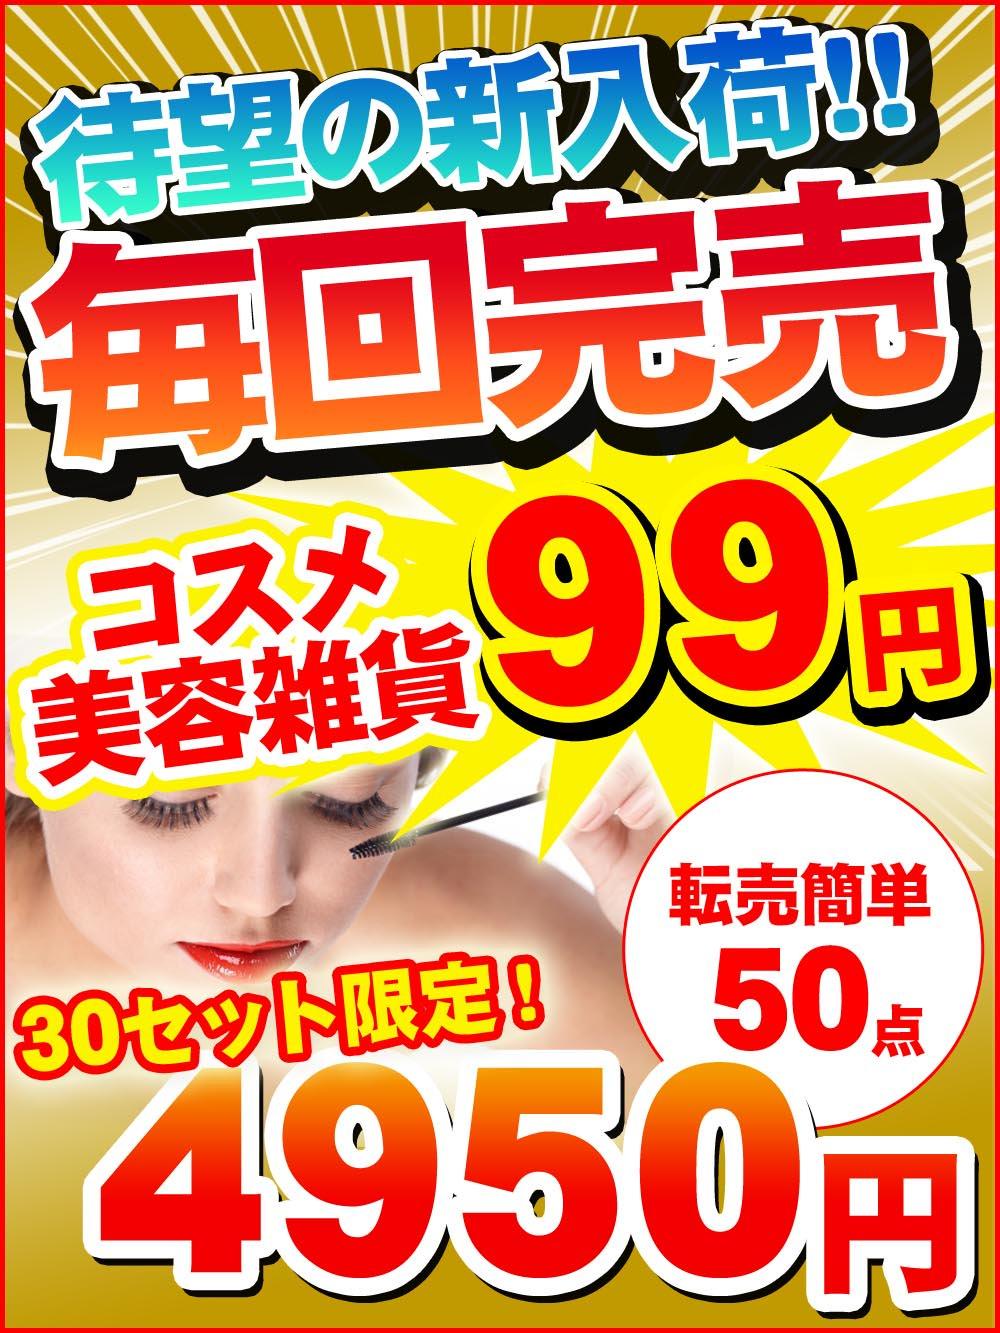 【毎回完売!限定20セット】緊急追加!コスメ・美容雑貨アソート【50点】@100